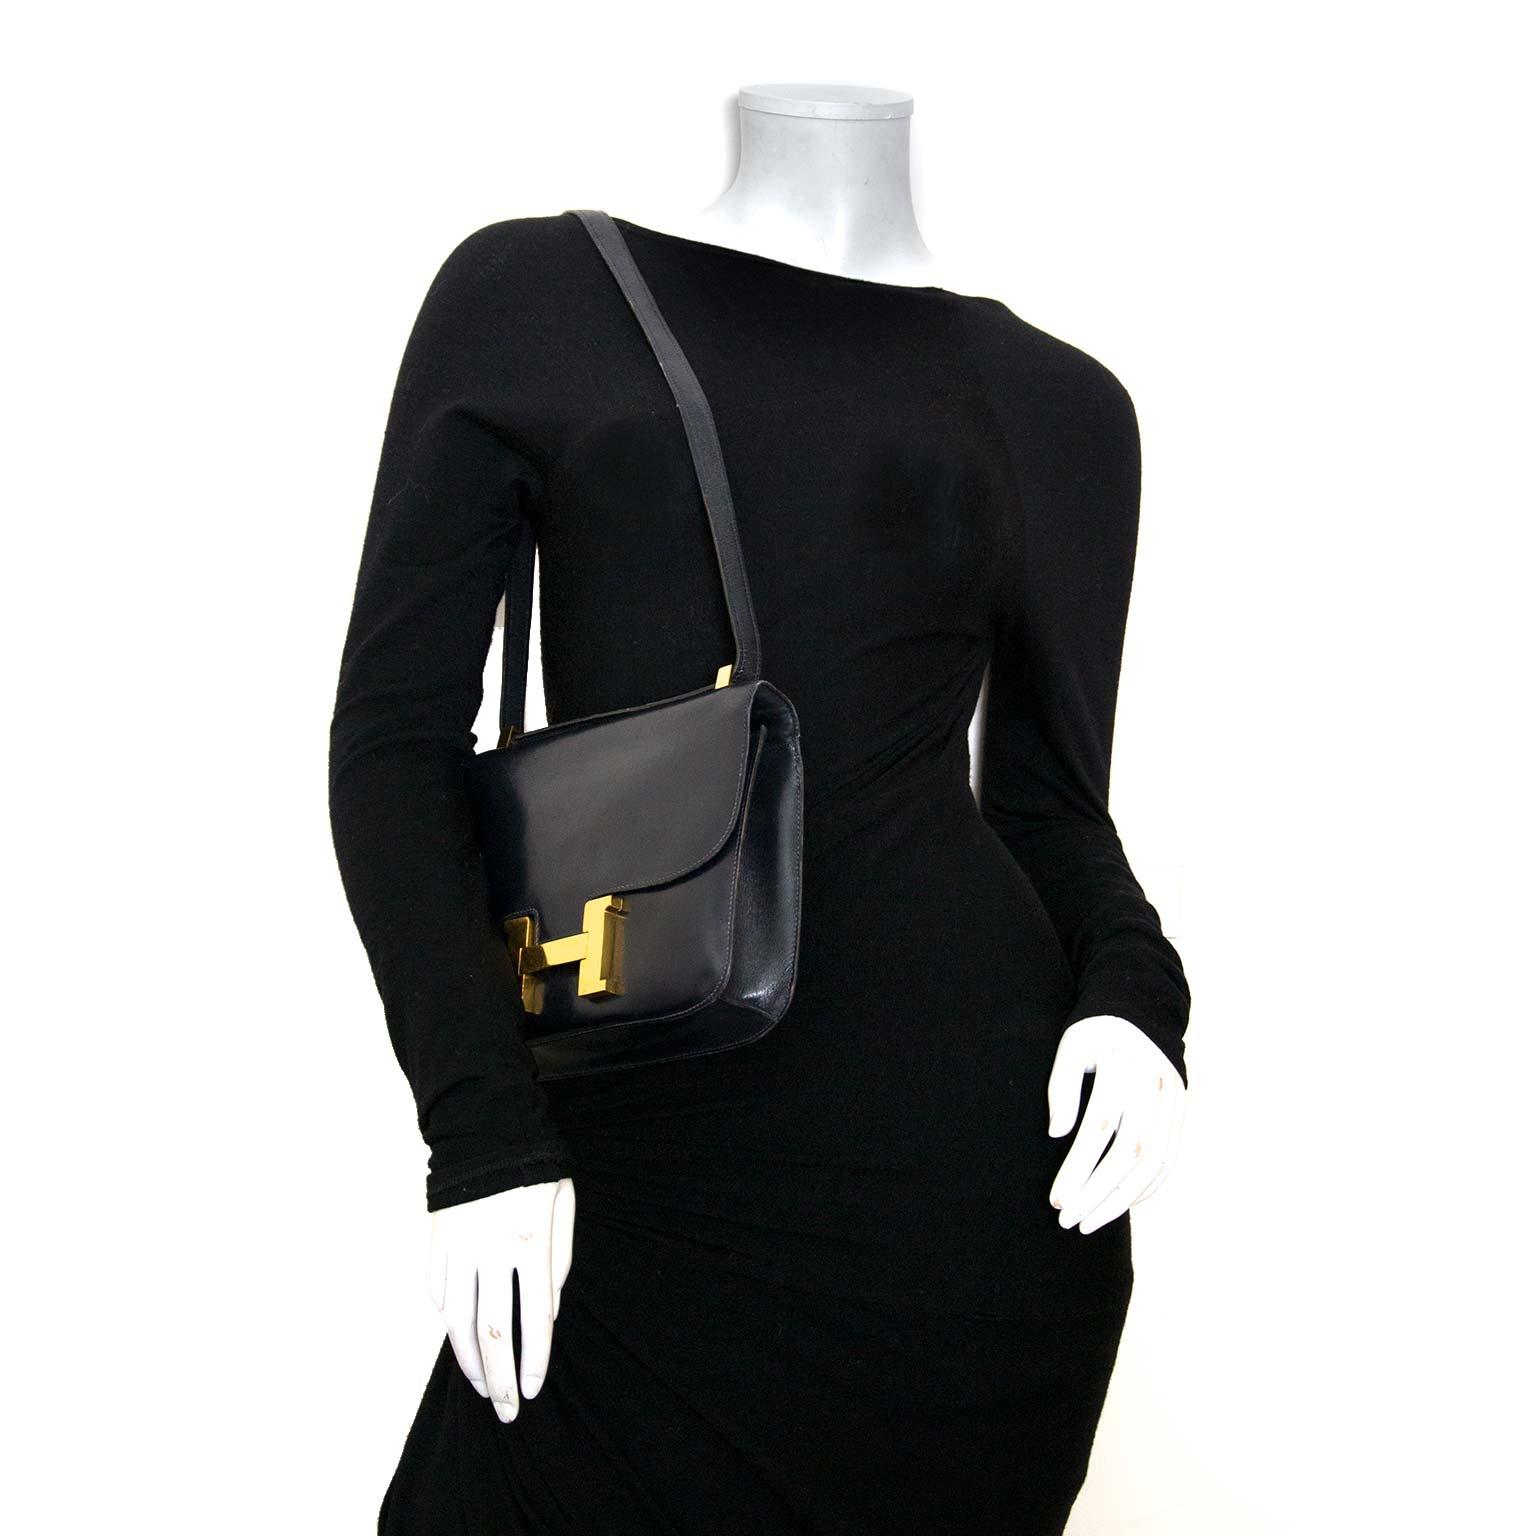 hermès constance tassen te koop bij labellov vintage mode webshop belgië